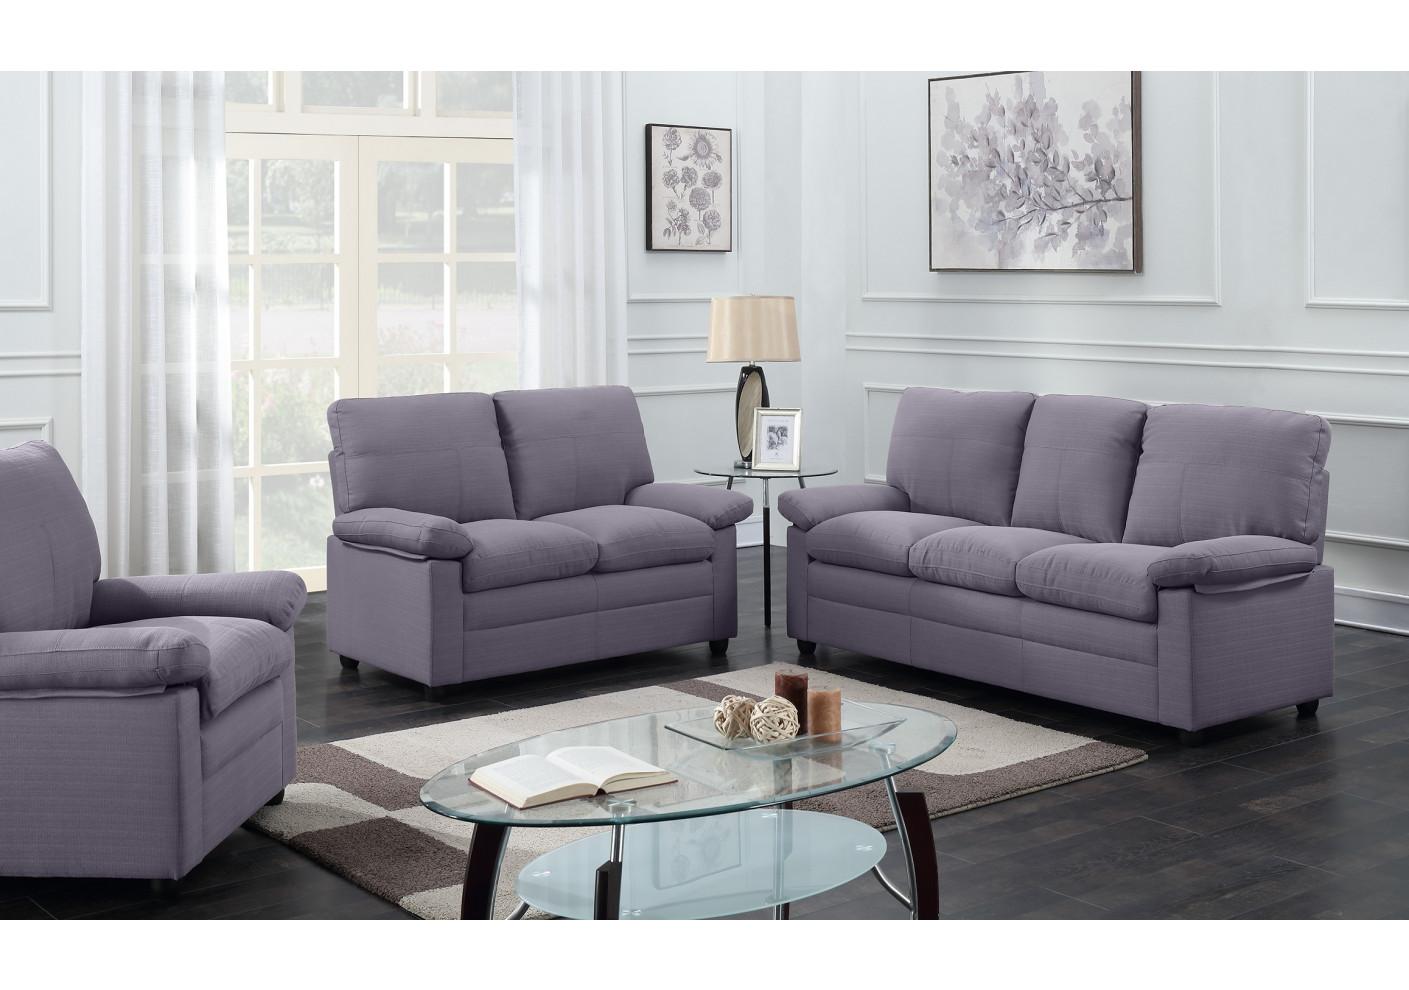 salon 3 pi ces chicago tissu gris fonc 1 canap 3 places 1 canap 2 places 1 fauteuil 1